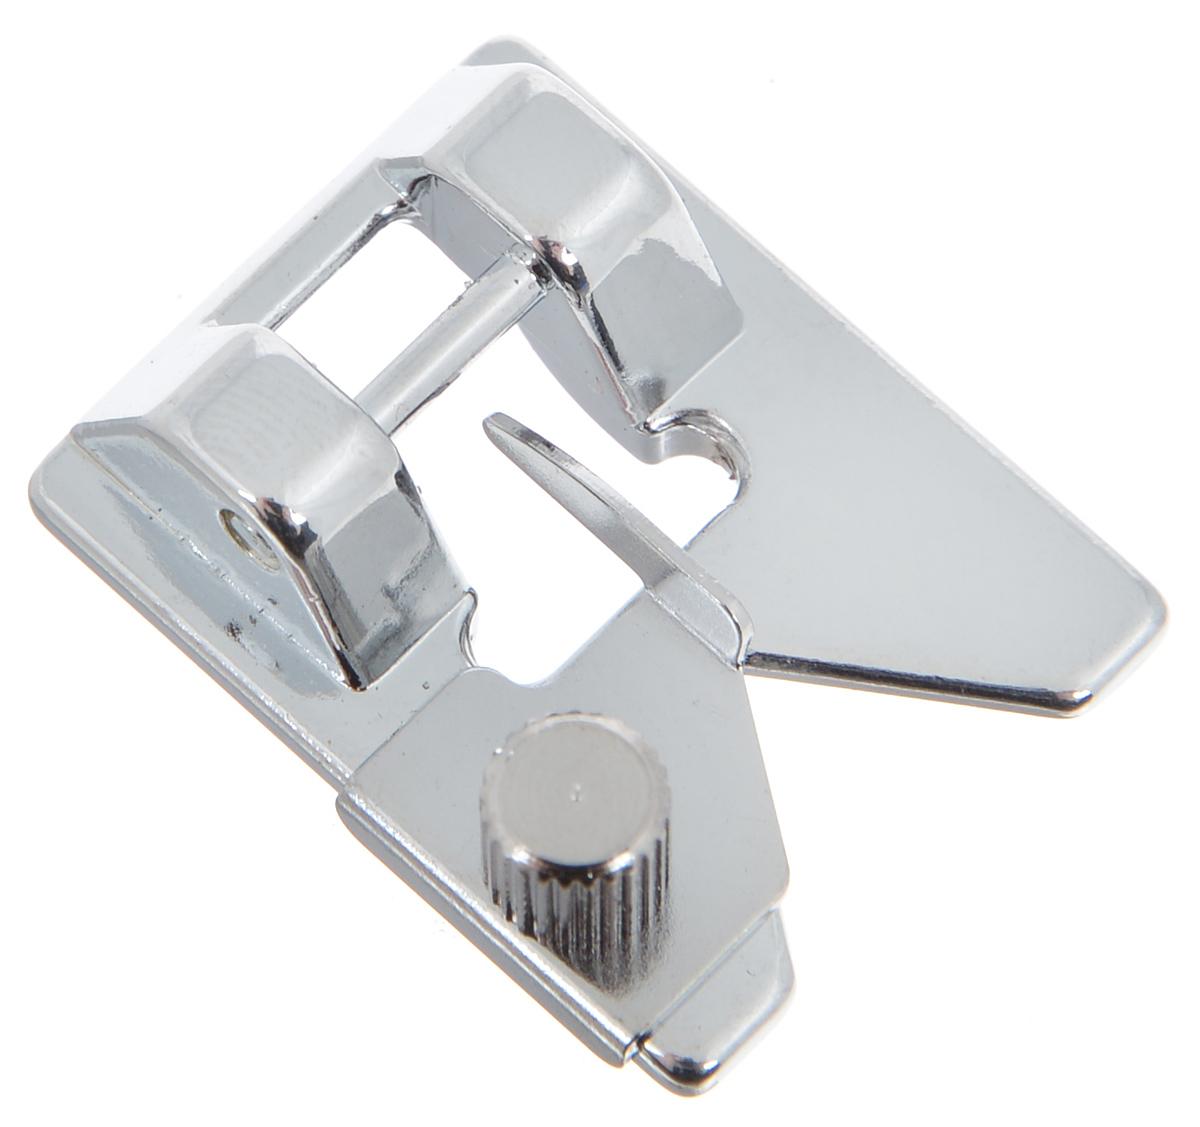 Лапка для швейной машины Aurora, для бахромыAU-146Лапка для швейной машины Aurora используется длясоздания бахромы и копировальных строчек. Также может использоваться дляпришивания тесьмы и плоских шнуров шириной до 5 мм. Подходит длябольшинства современных бытовых швейныхмашин. Инструкция по использованию прилагается.